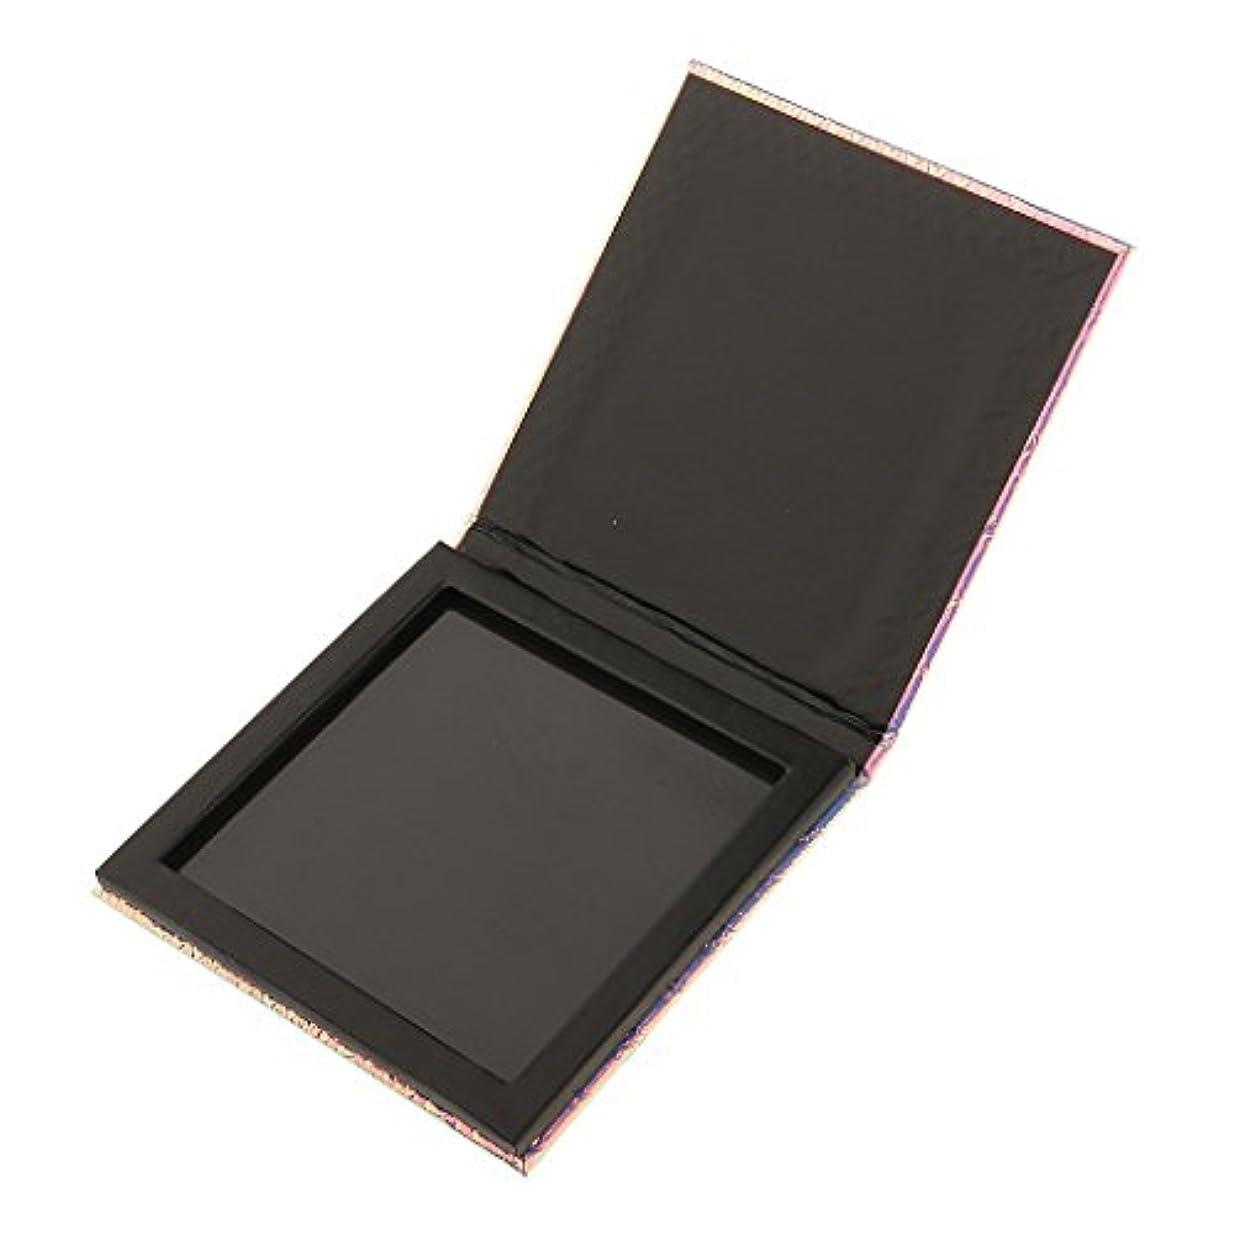 アライアンスふける赤道Kesoto 磁気パレットボックス 空の磁気パレット 化粧品ケース メイクアップ コスメ 収納 ボックス 旅行 出張 化粧品DIY 全2サイズ選べ - 10x10cm